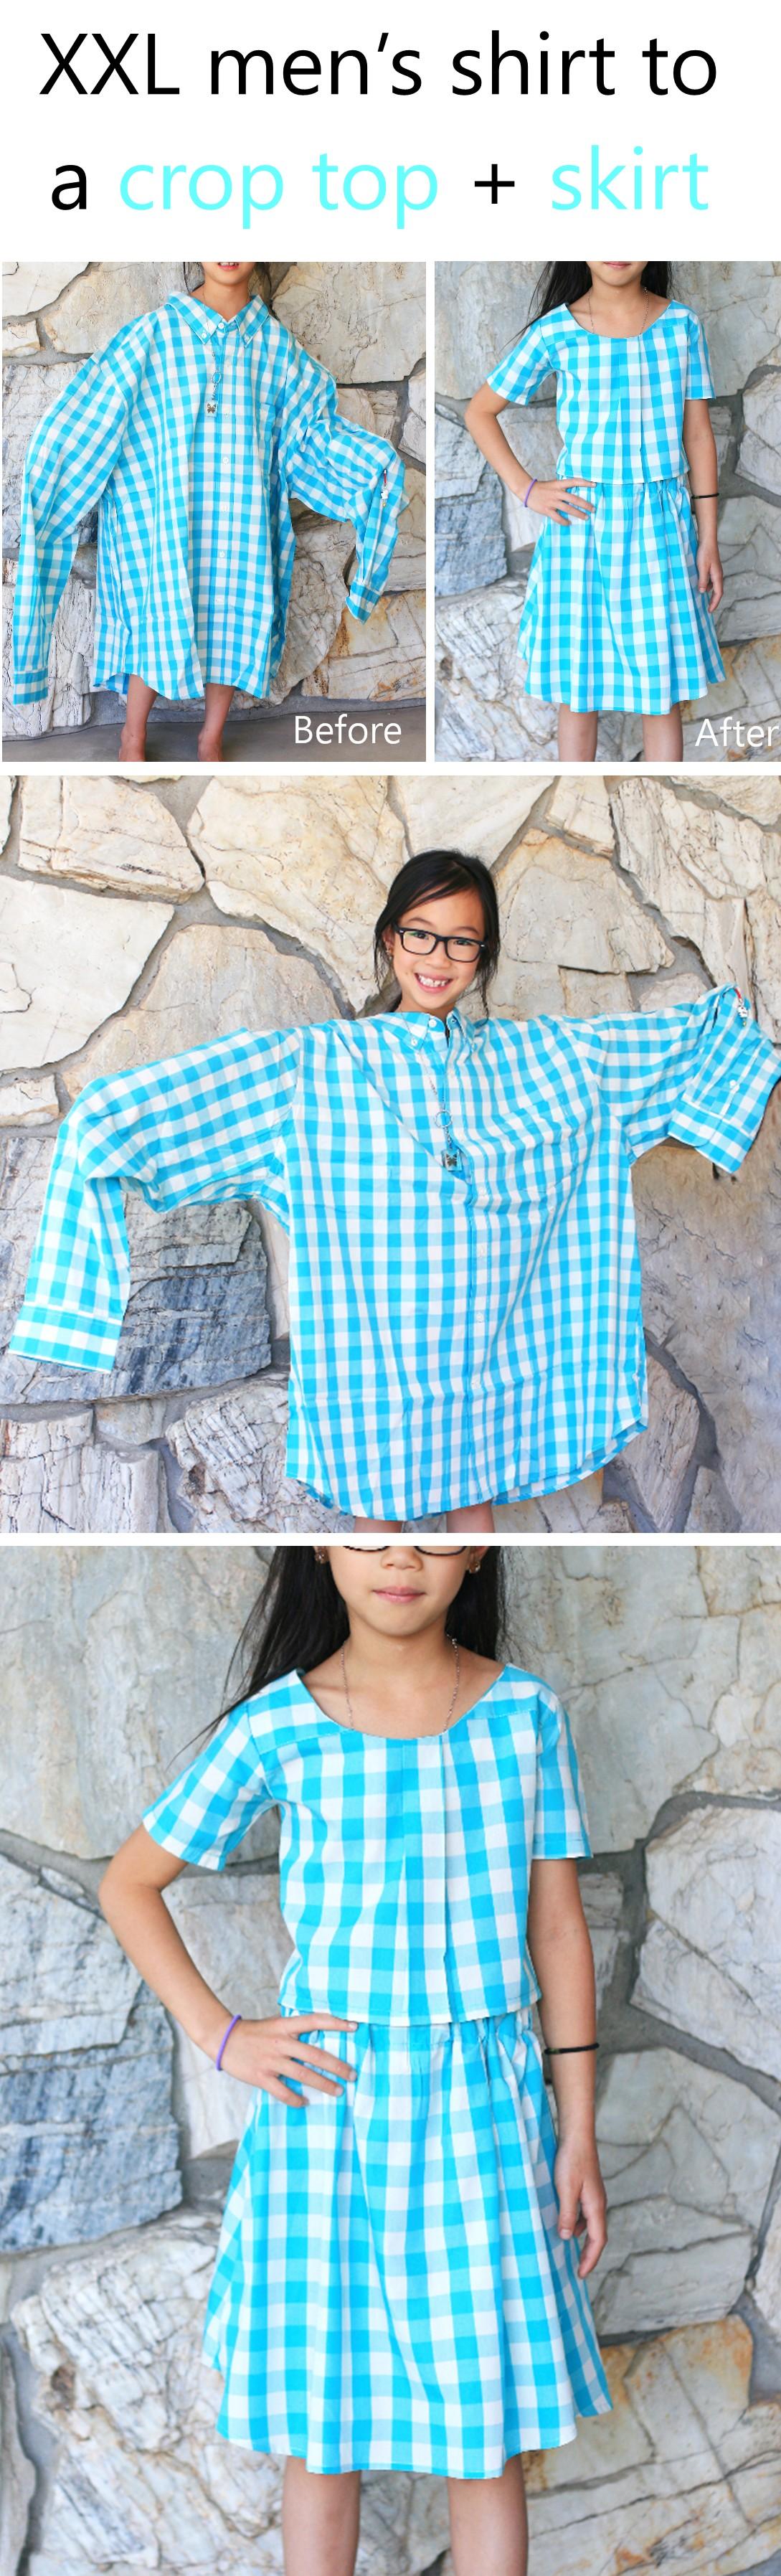 XXL men's shirt into a girl's dress